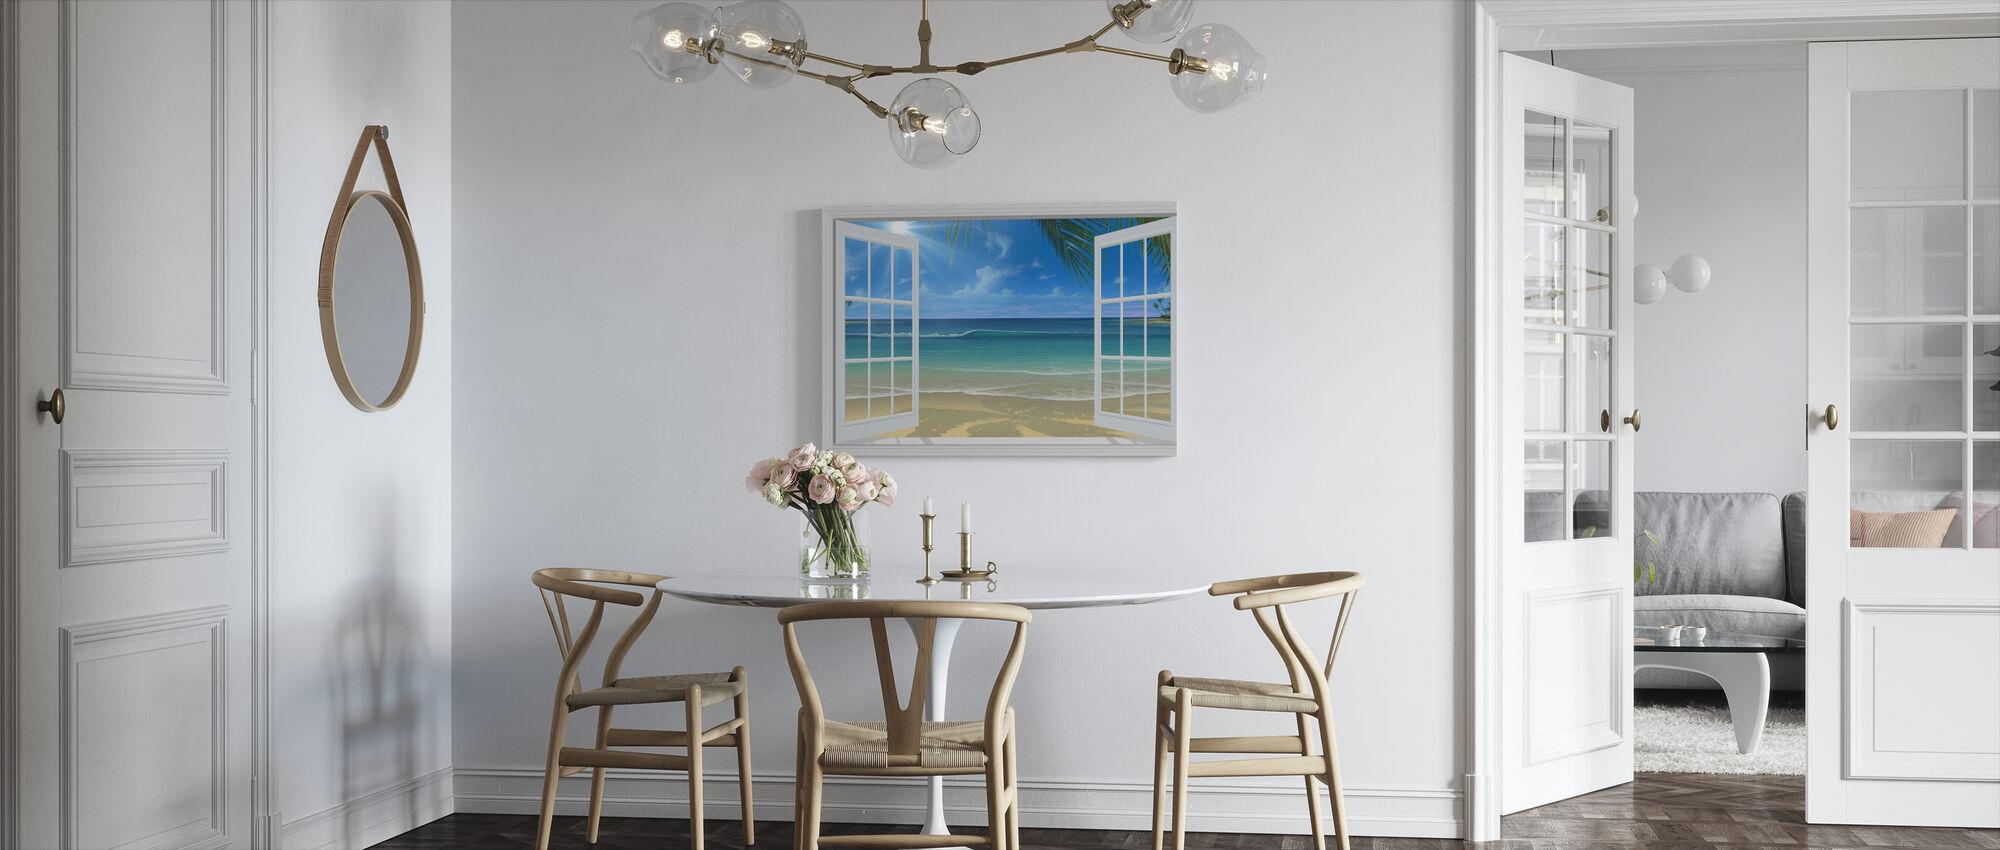 Sunshine Through Window - Canvas print - Kitchen